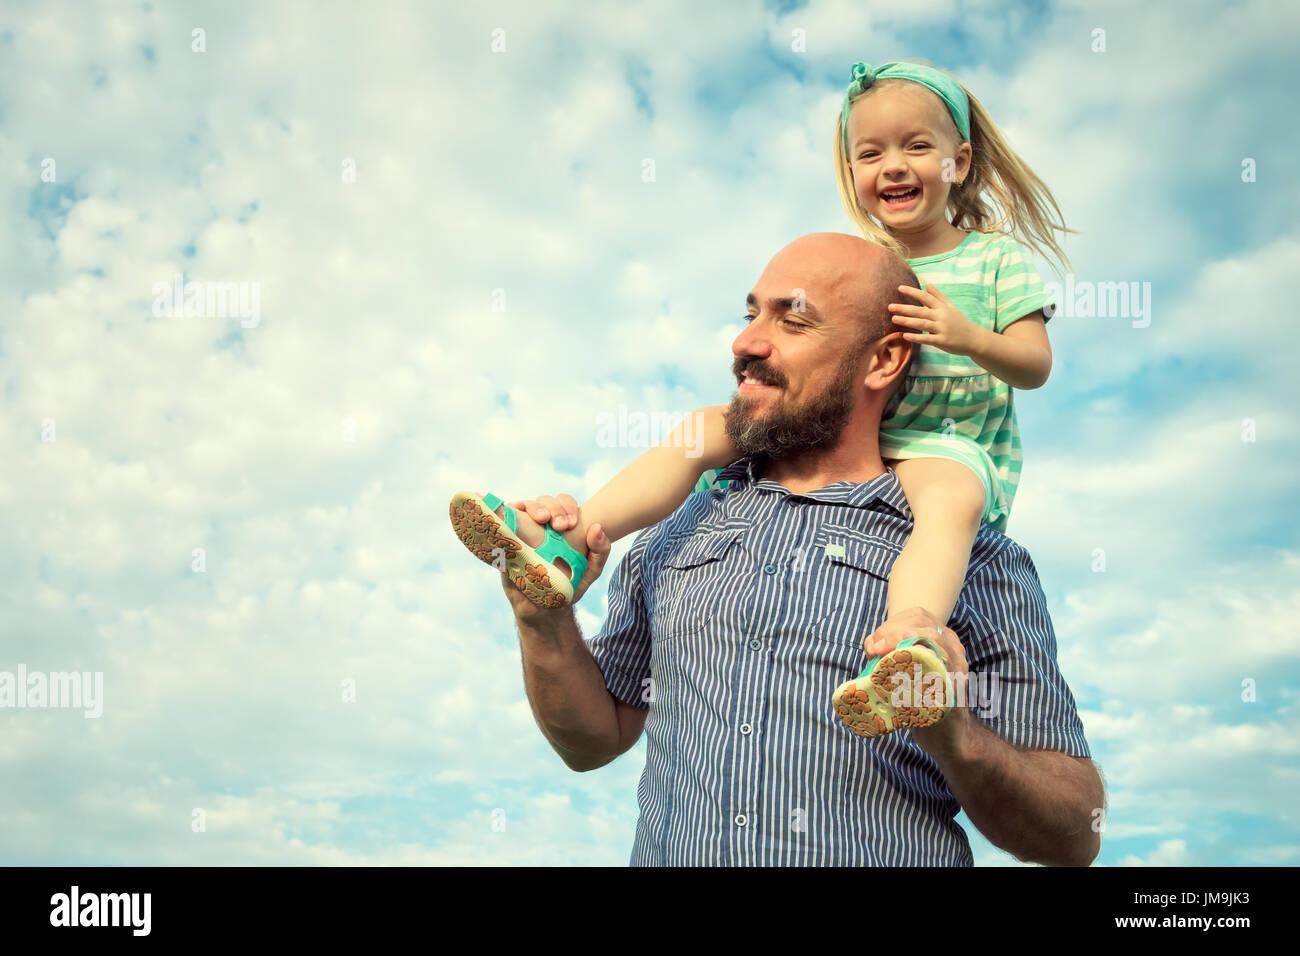 Adorabile figlia e padre ritratto, famiglia felice, future concept Immagini Stock